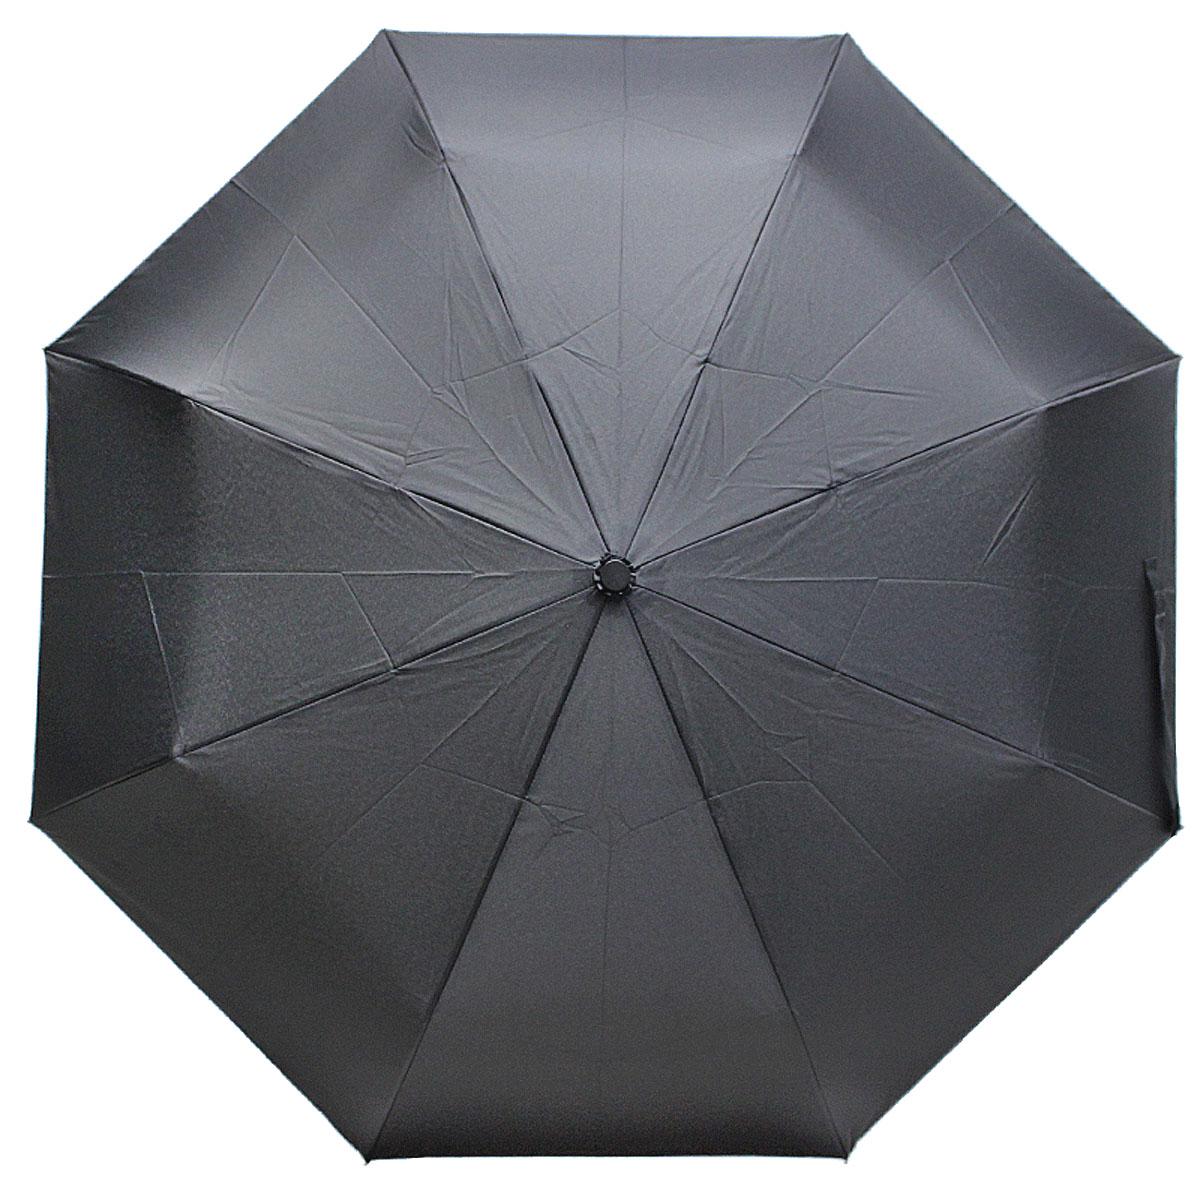 Зонт мужской Vogue, цвет: черный. 795 V795 VСтильный механический зонт испанского производителя Vogue оснащен каркасом с противоветровым эффектом. Каркас зонта включает 8 спиц. Стержень изготовлен из стали, купол выполнен из прочного полиэстера. Изделие имеет механический способ сложения: и купол, и стержень открываются и закрываются вручную до характерного щелчка. Такой зонт не только надежно защитит вас от дождя, но и станет стильным аксессуаром, который идеально подчеркнет ваш неповторимый образ. Рекомендации по использованию: Мокрый зонт нельзя оставлять сложенным. Зонт после использования рекомендуется сушить в полураскрытом виде вдали от нагревательных приборов. Чистить зонт рекомендуется губкой, используя мягкие нещелочные растворы.